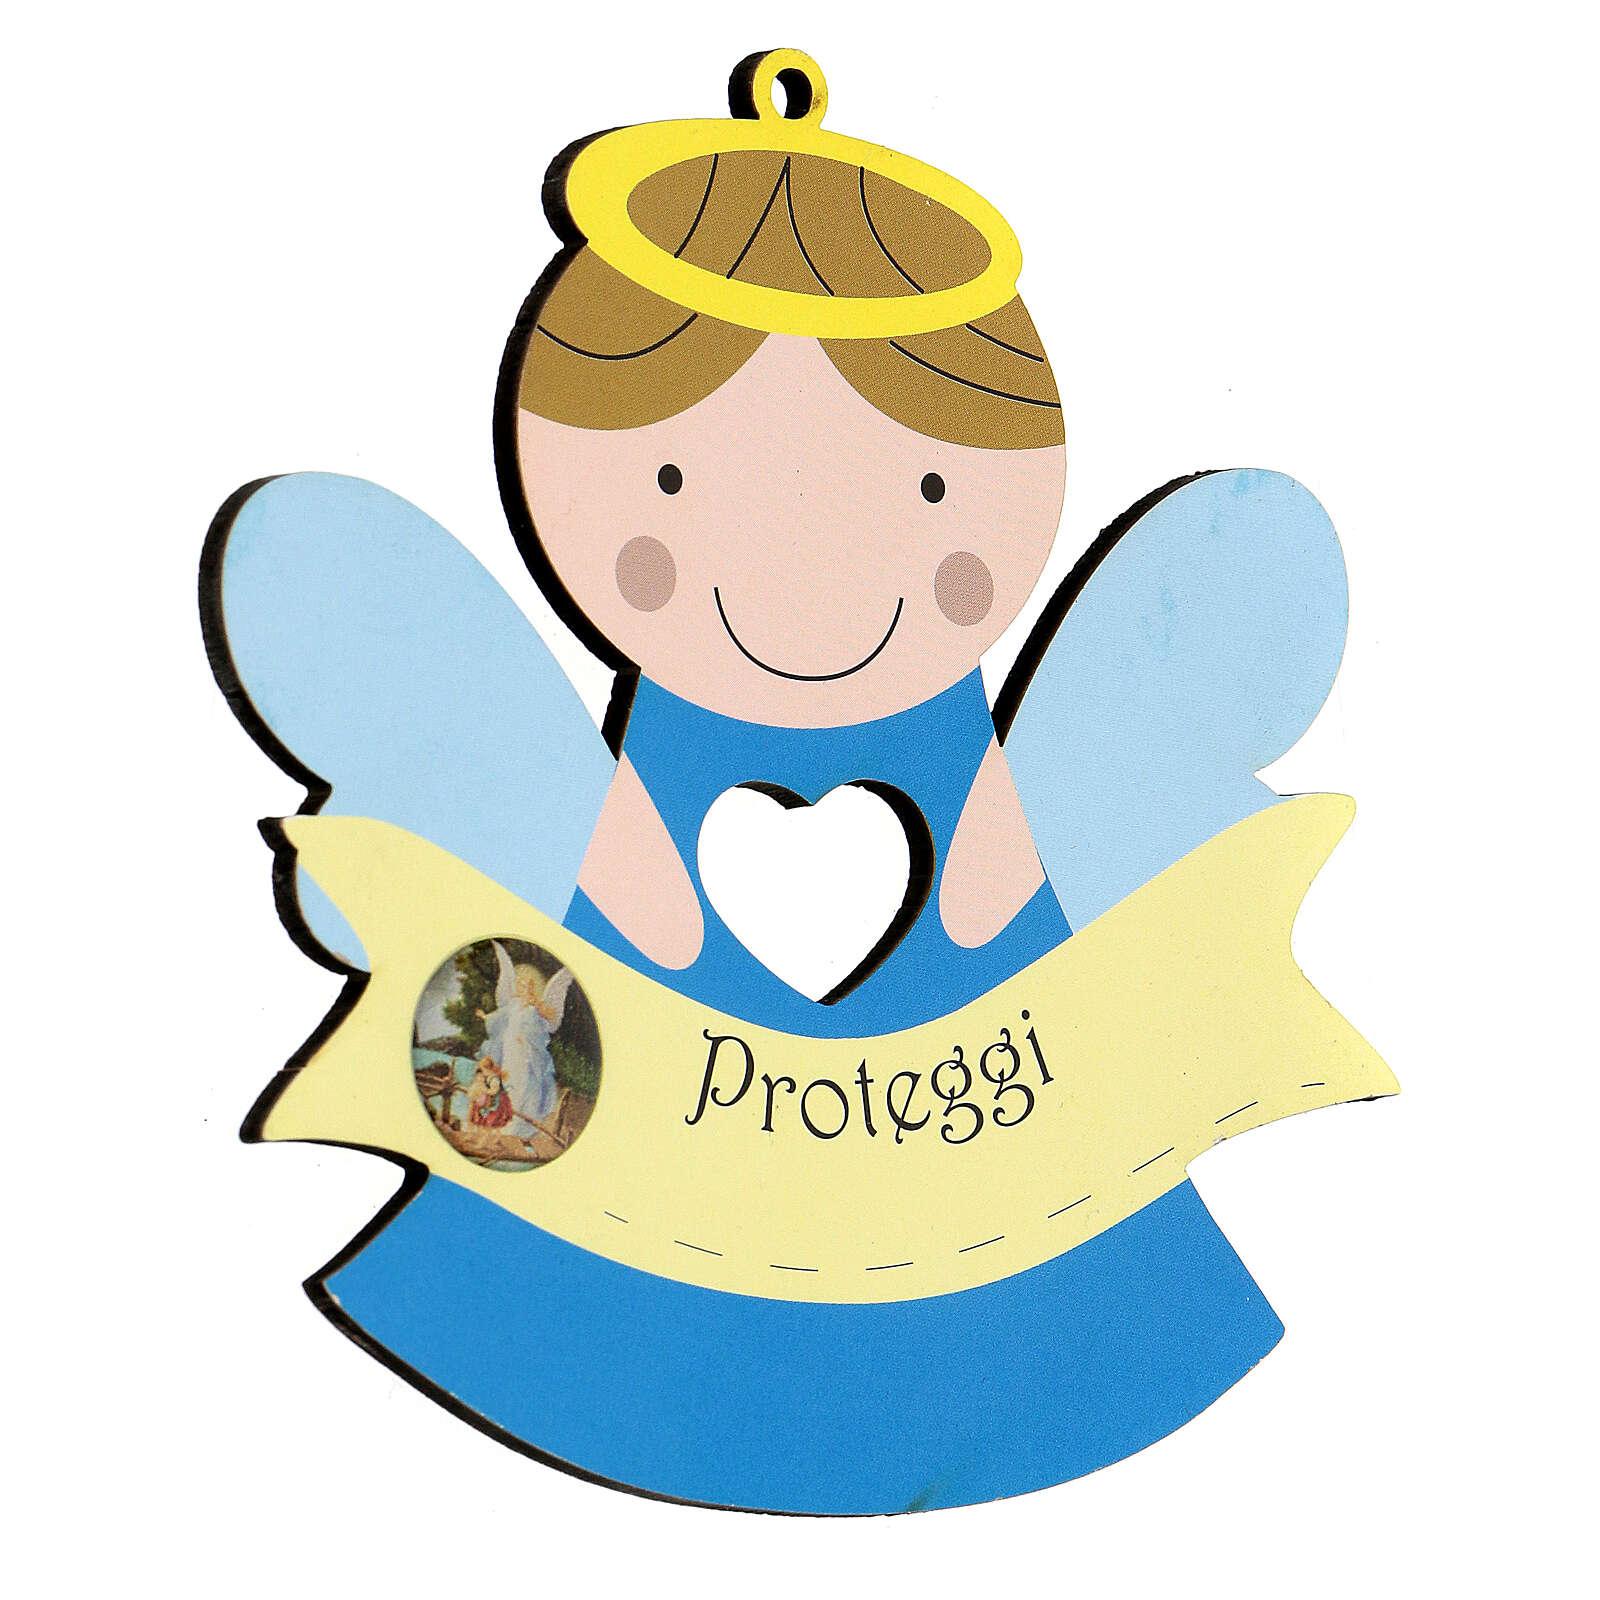 Recuerdo nacimiento niño Ángel Protector 3